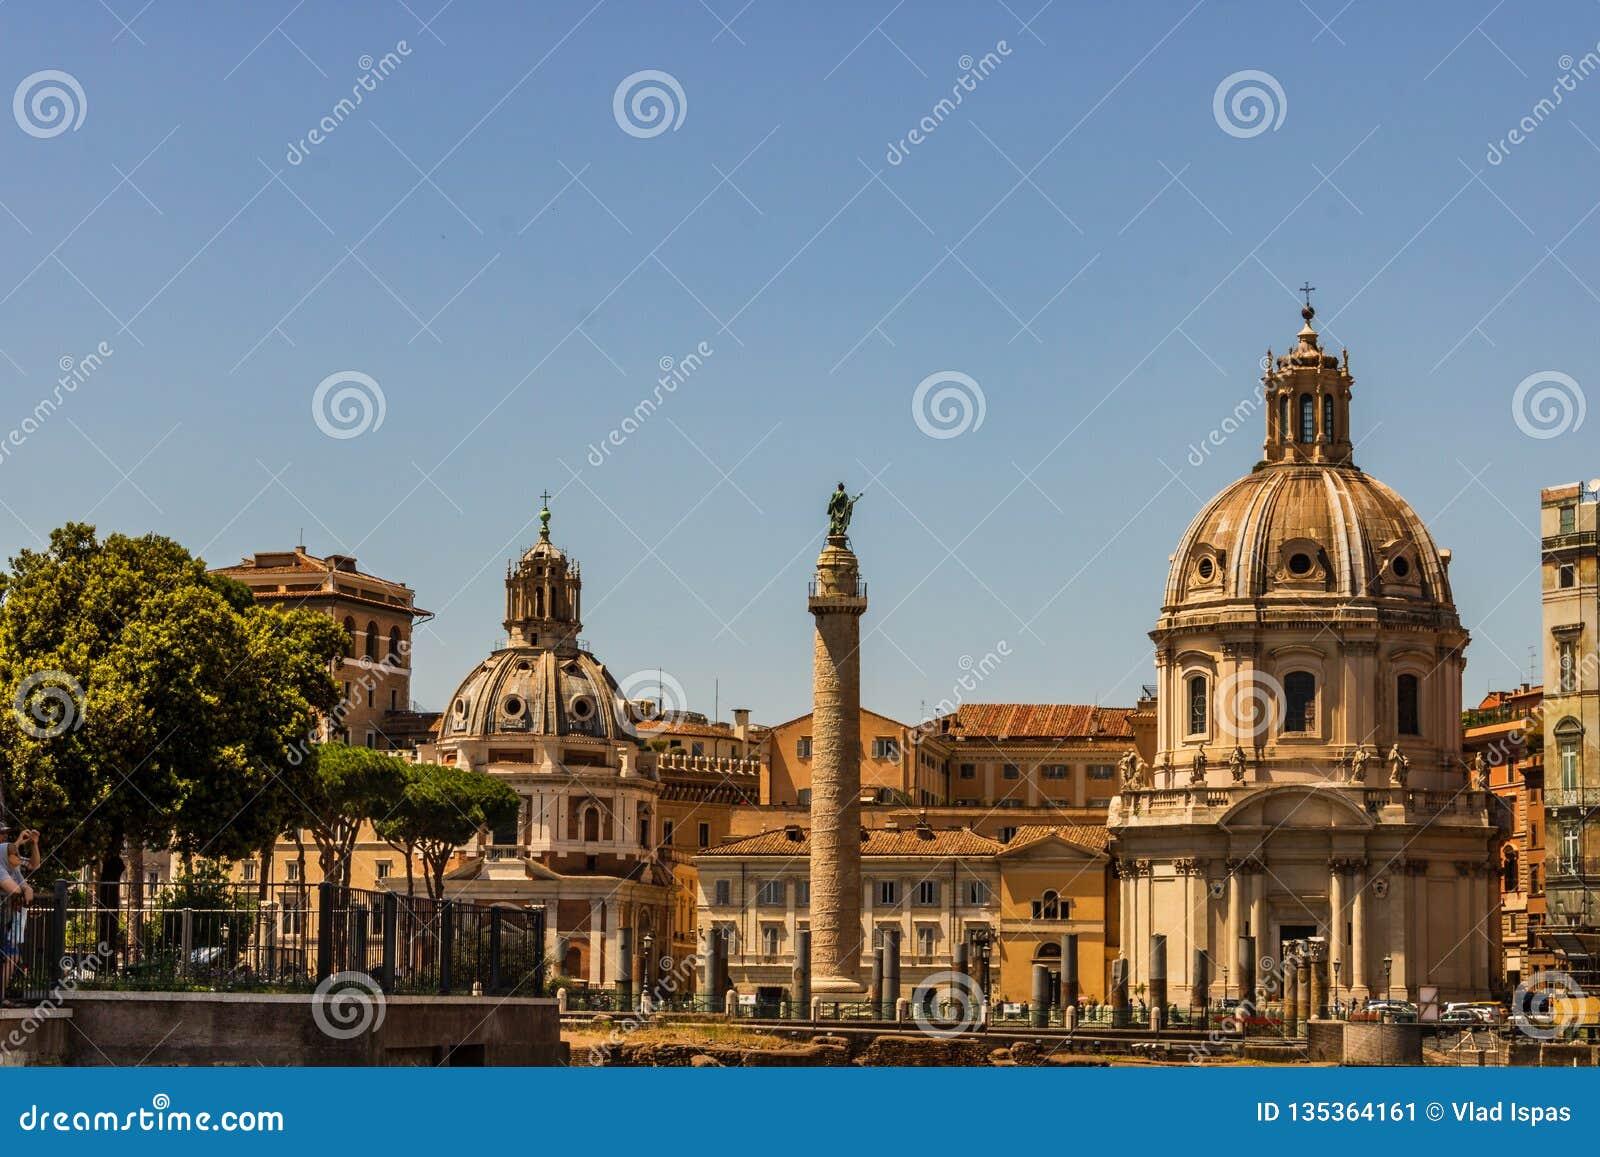 威尼斯广场广场Venezia看法  威尼斯广场位于罗马的心脏,围拢由几个地标,包括好朋友